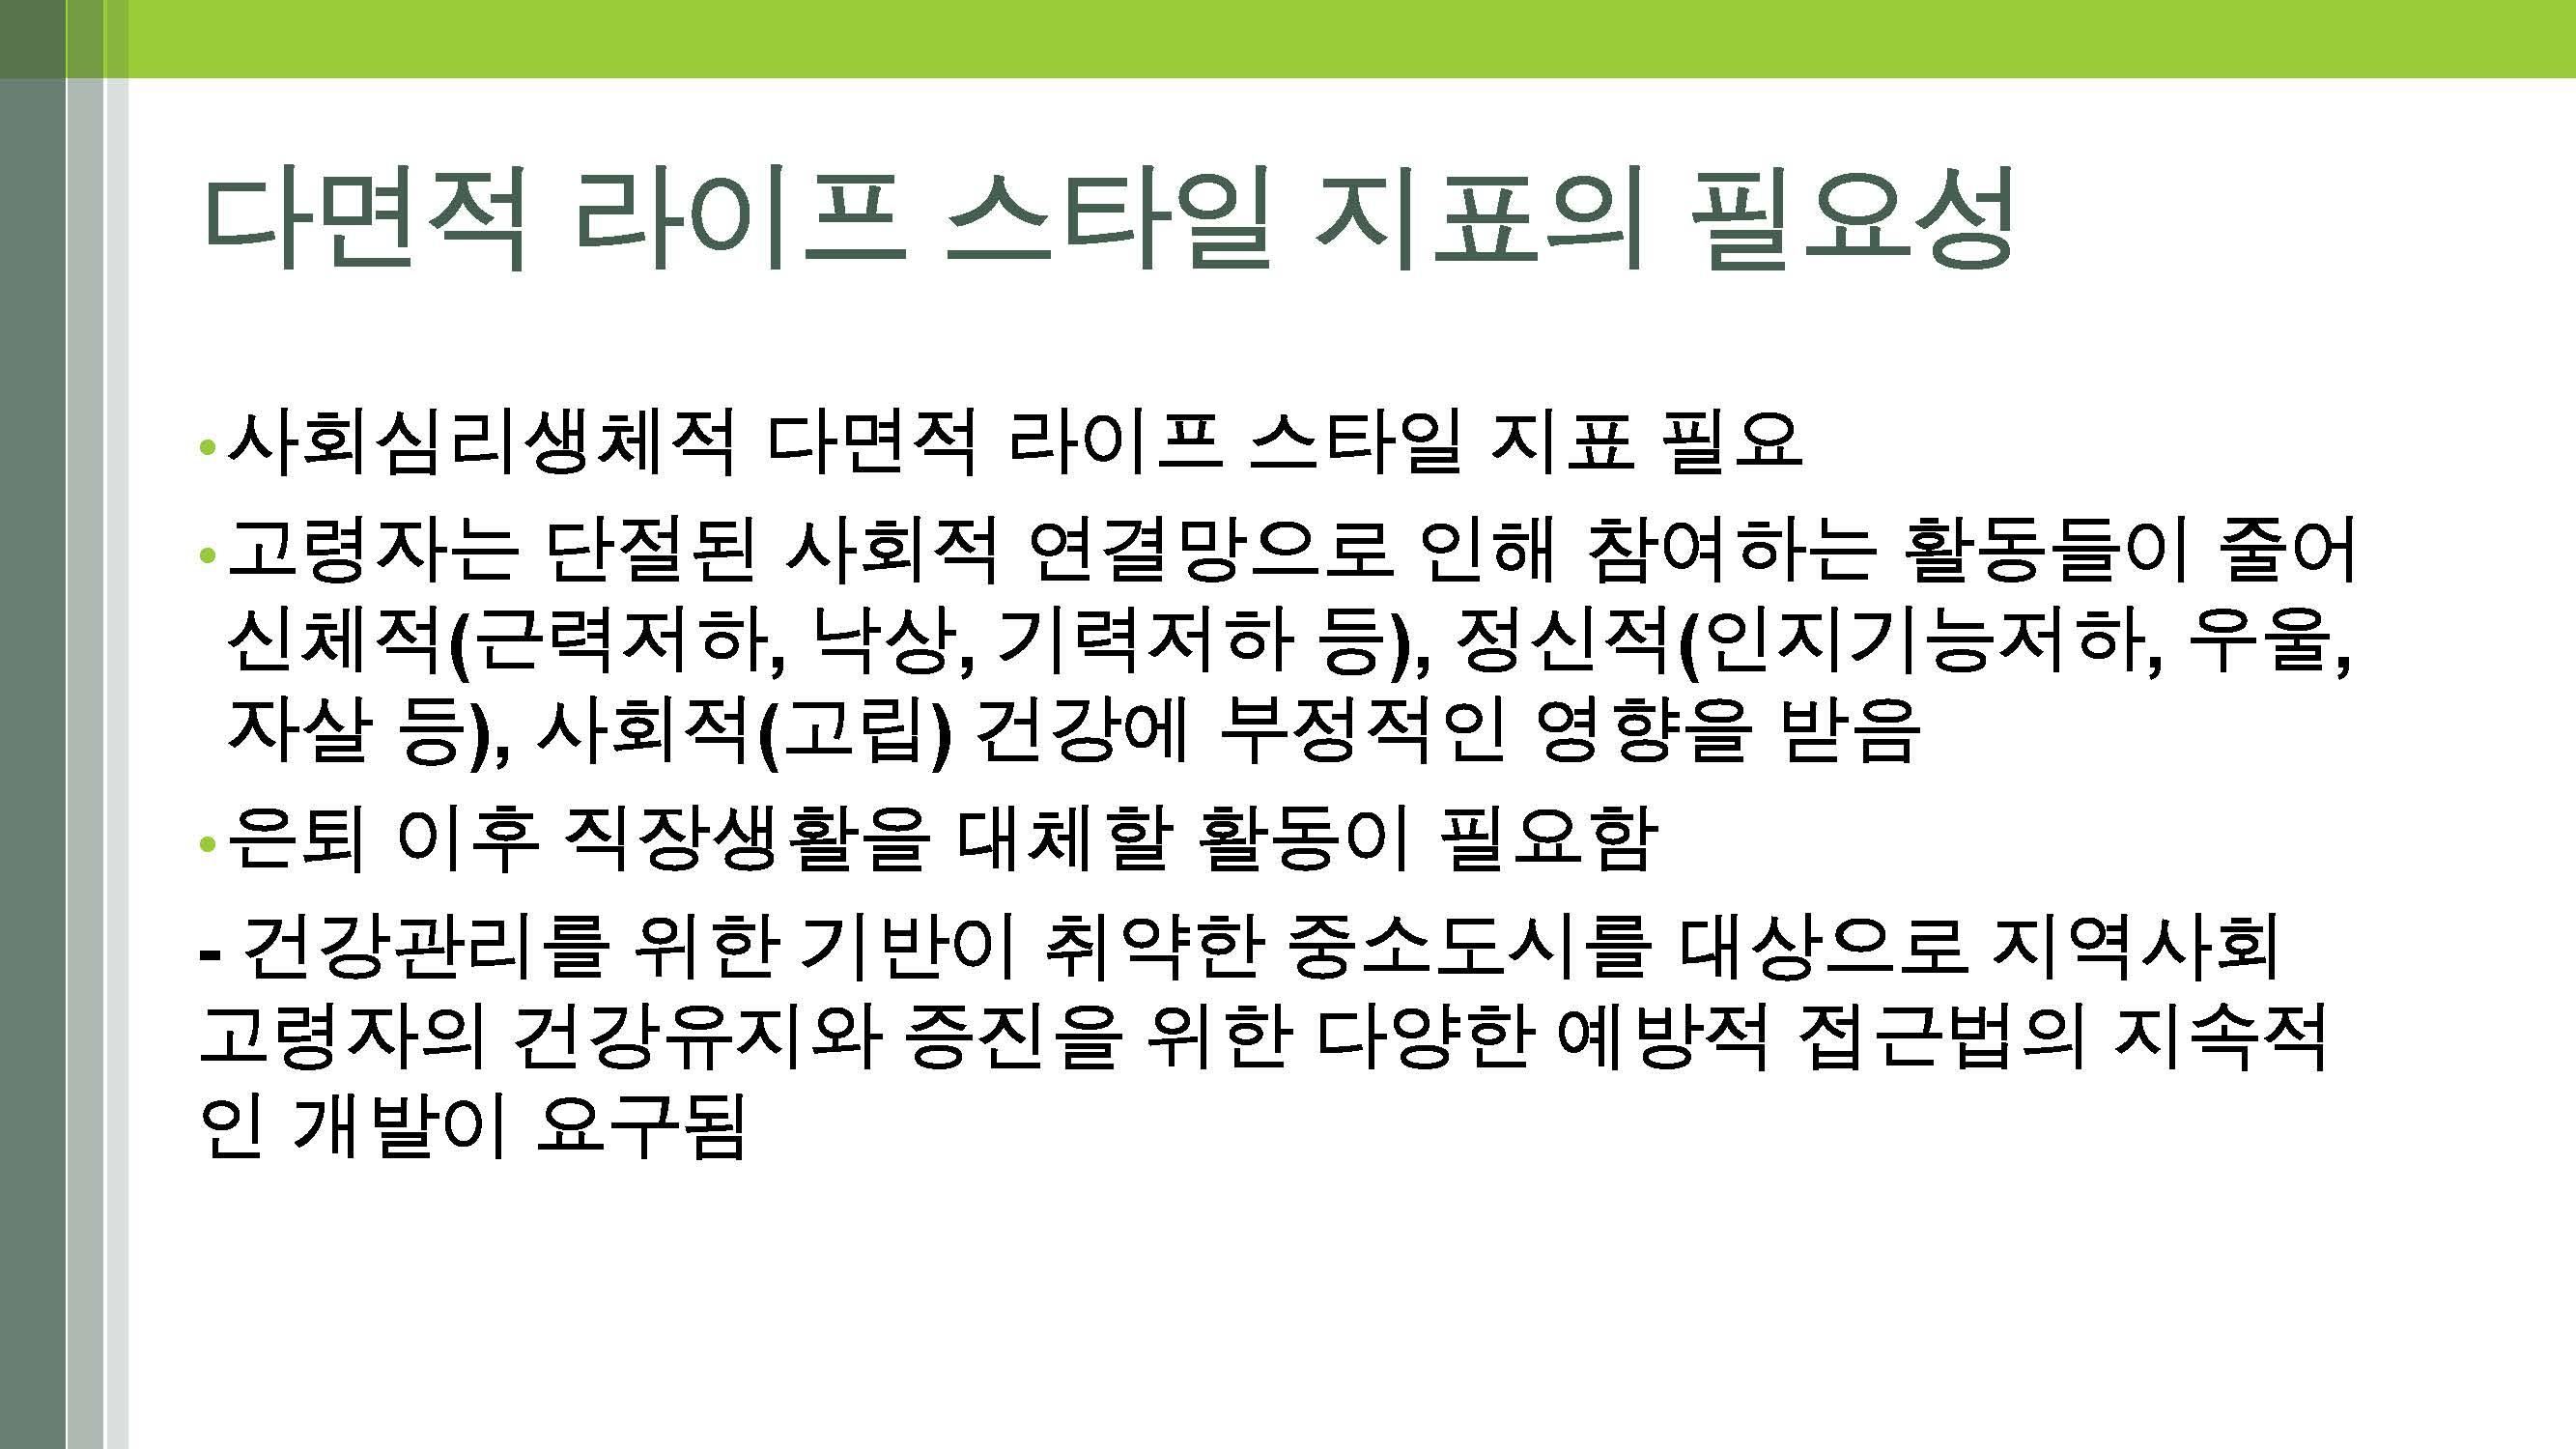 노인의 다면적 라이프스타일 개발(연세대-박지혁) (최종)_페이지_08